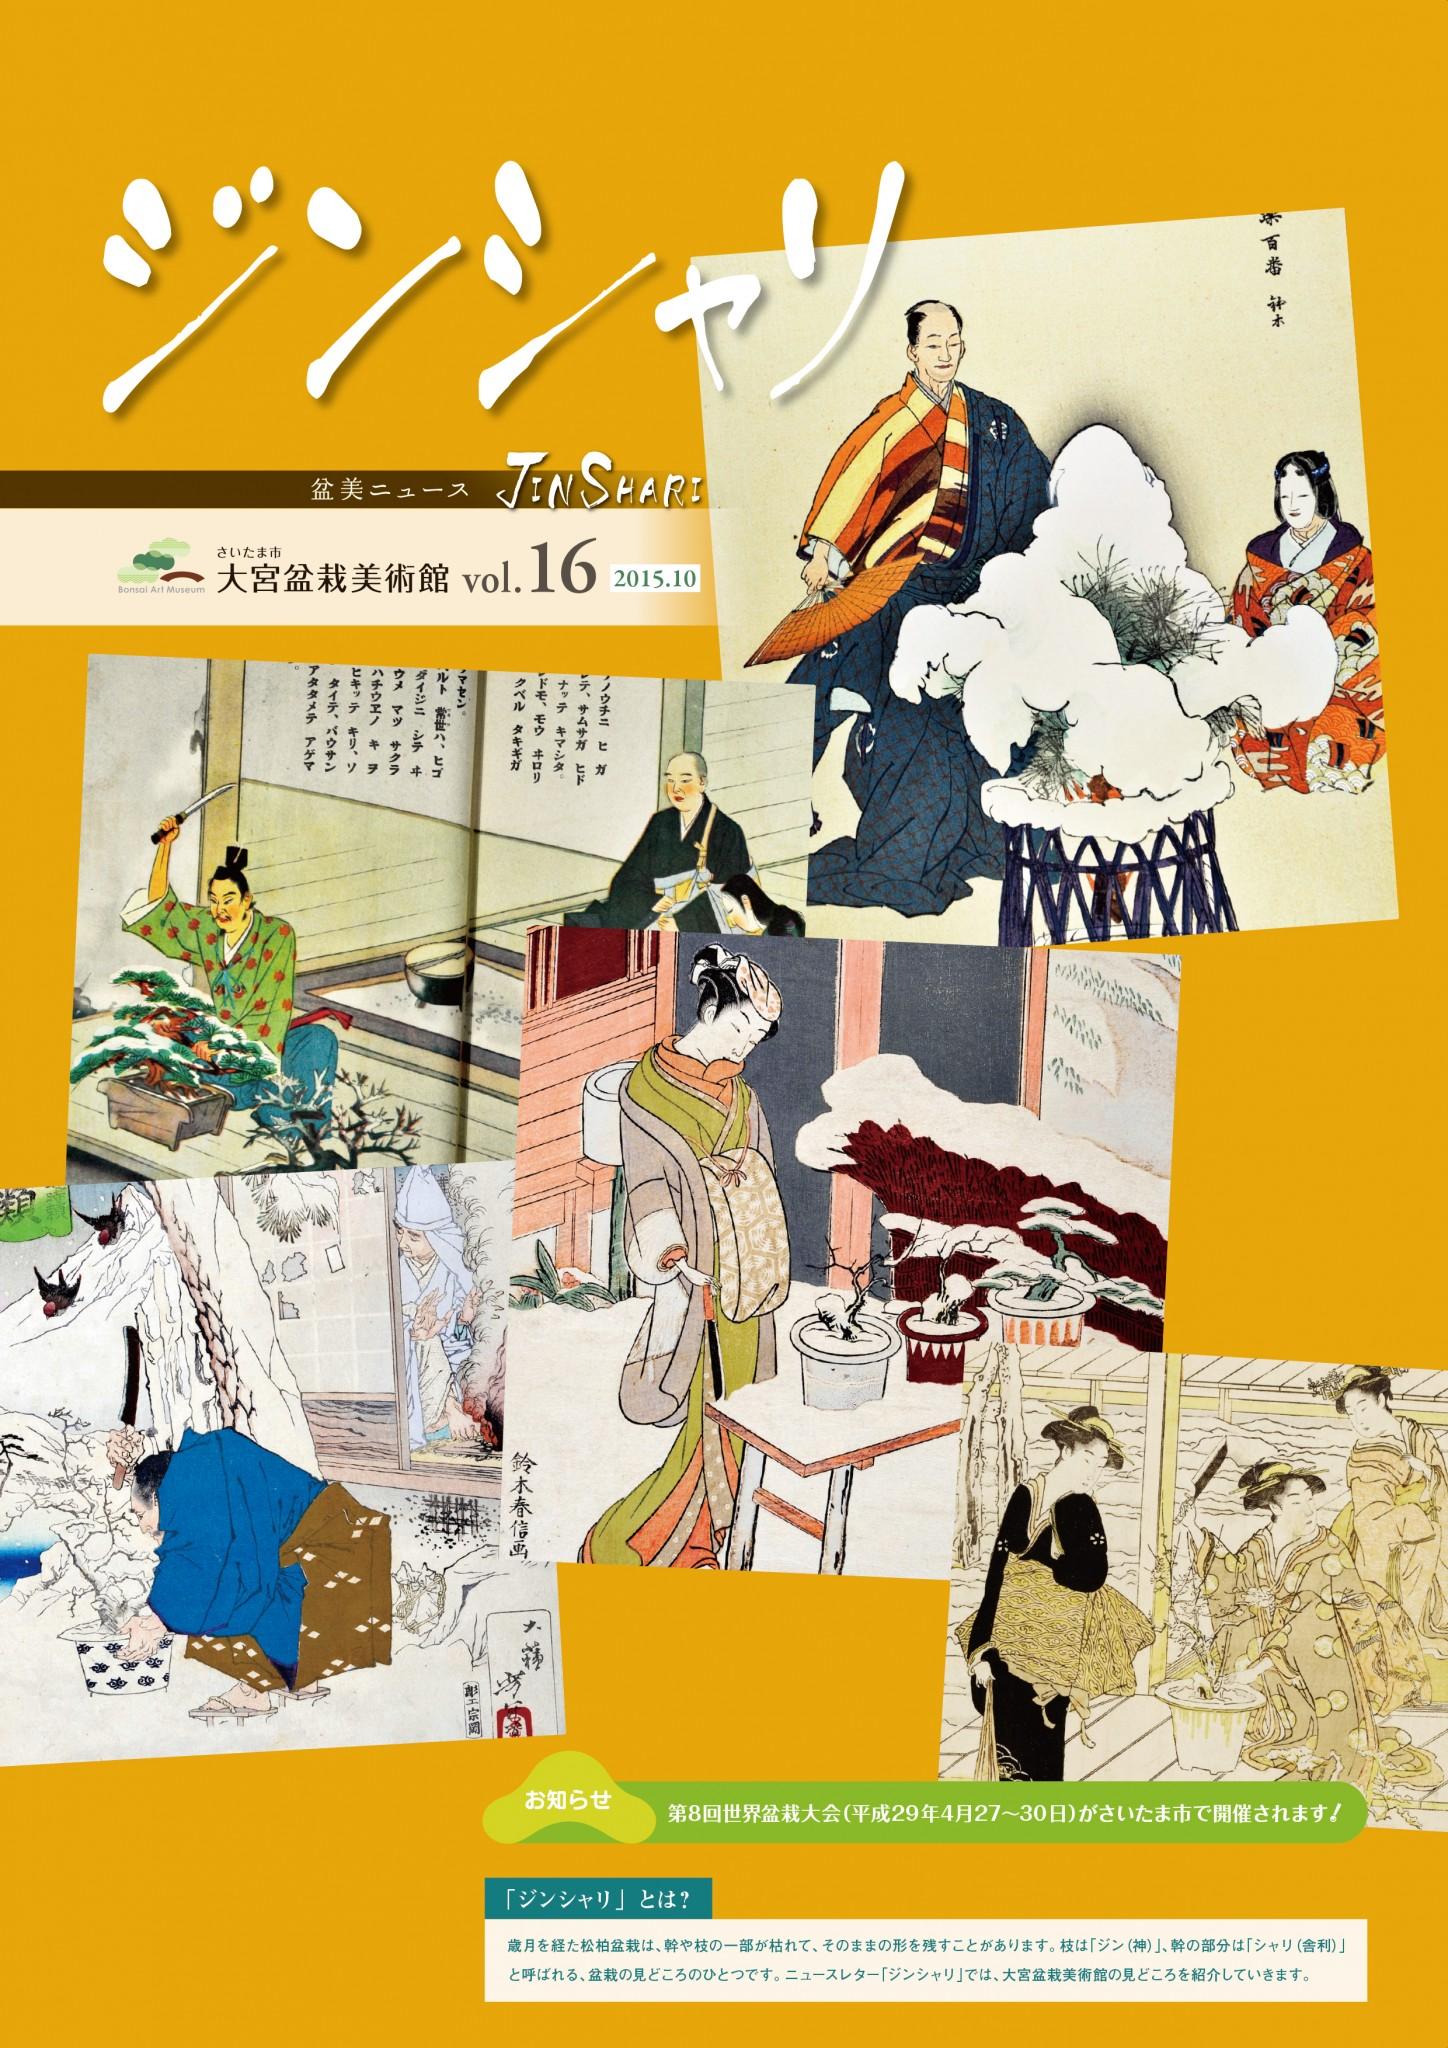 ジンシャリ Vol.16